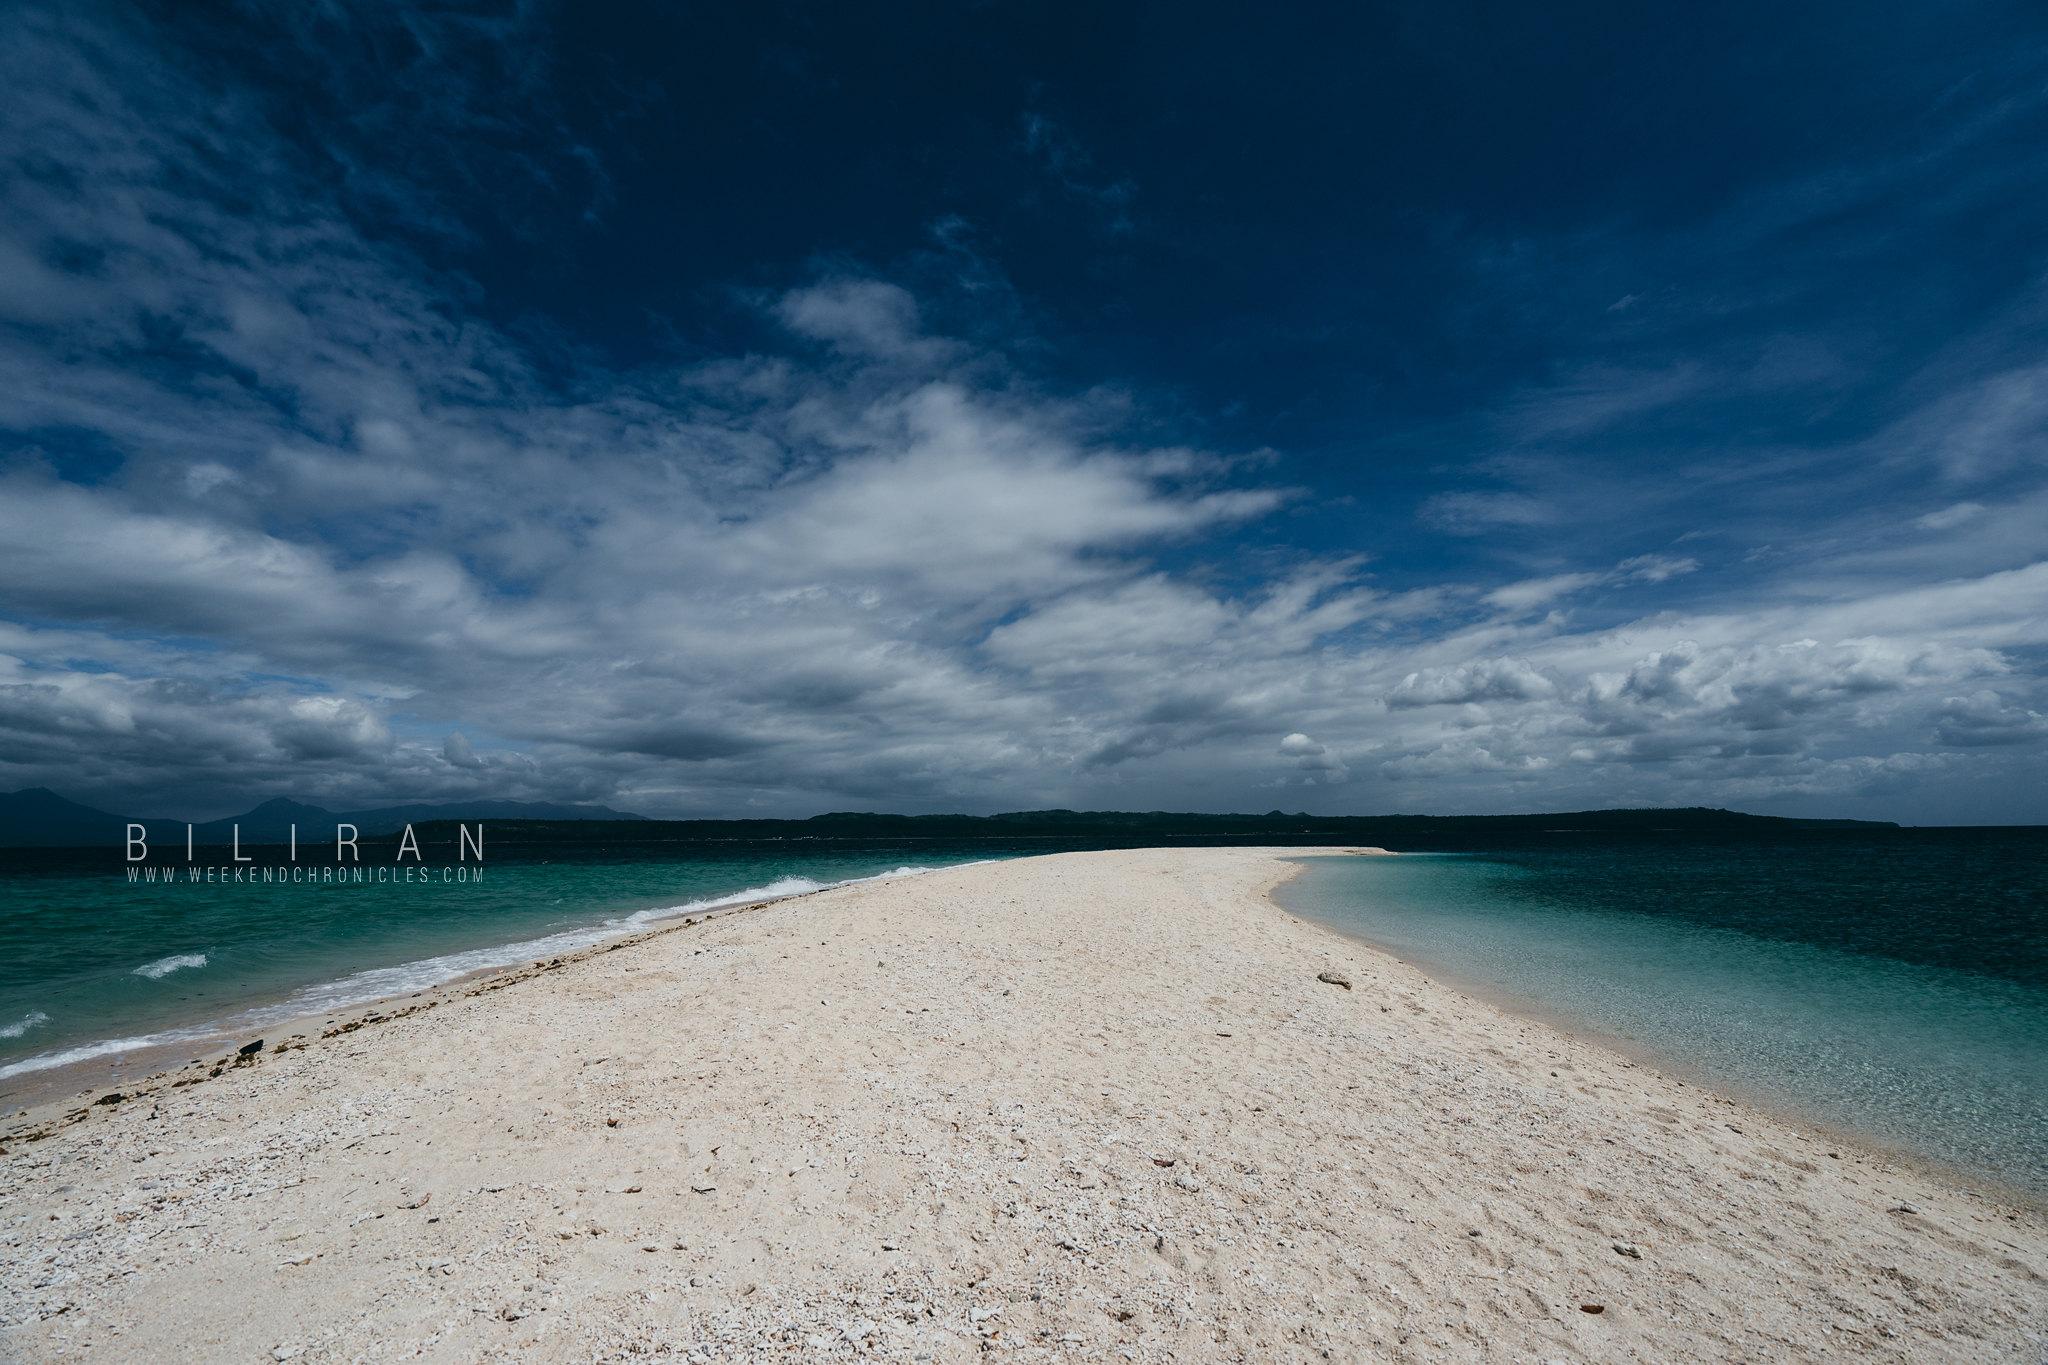 Higatangan Island's Sand Bar